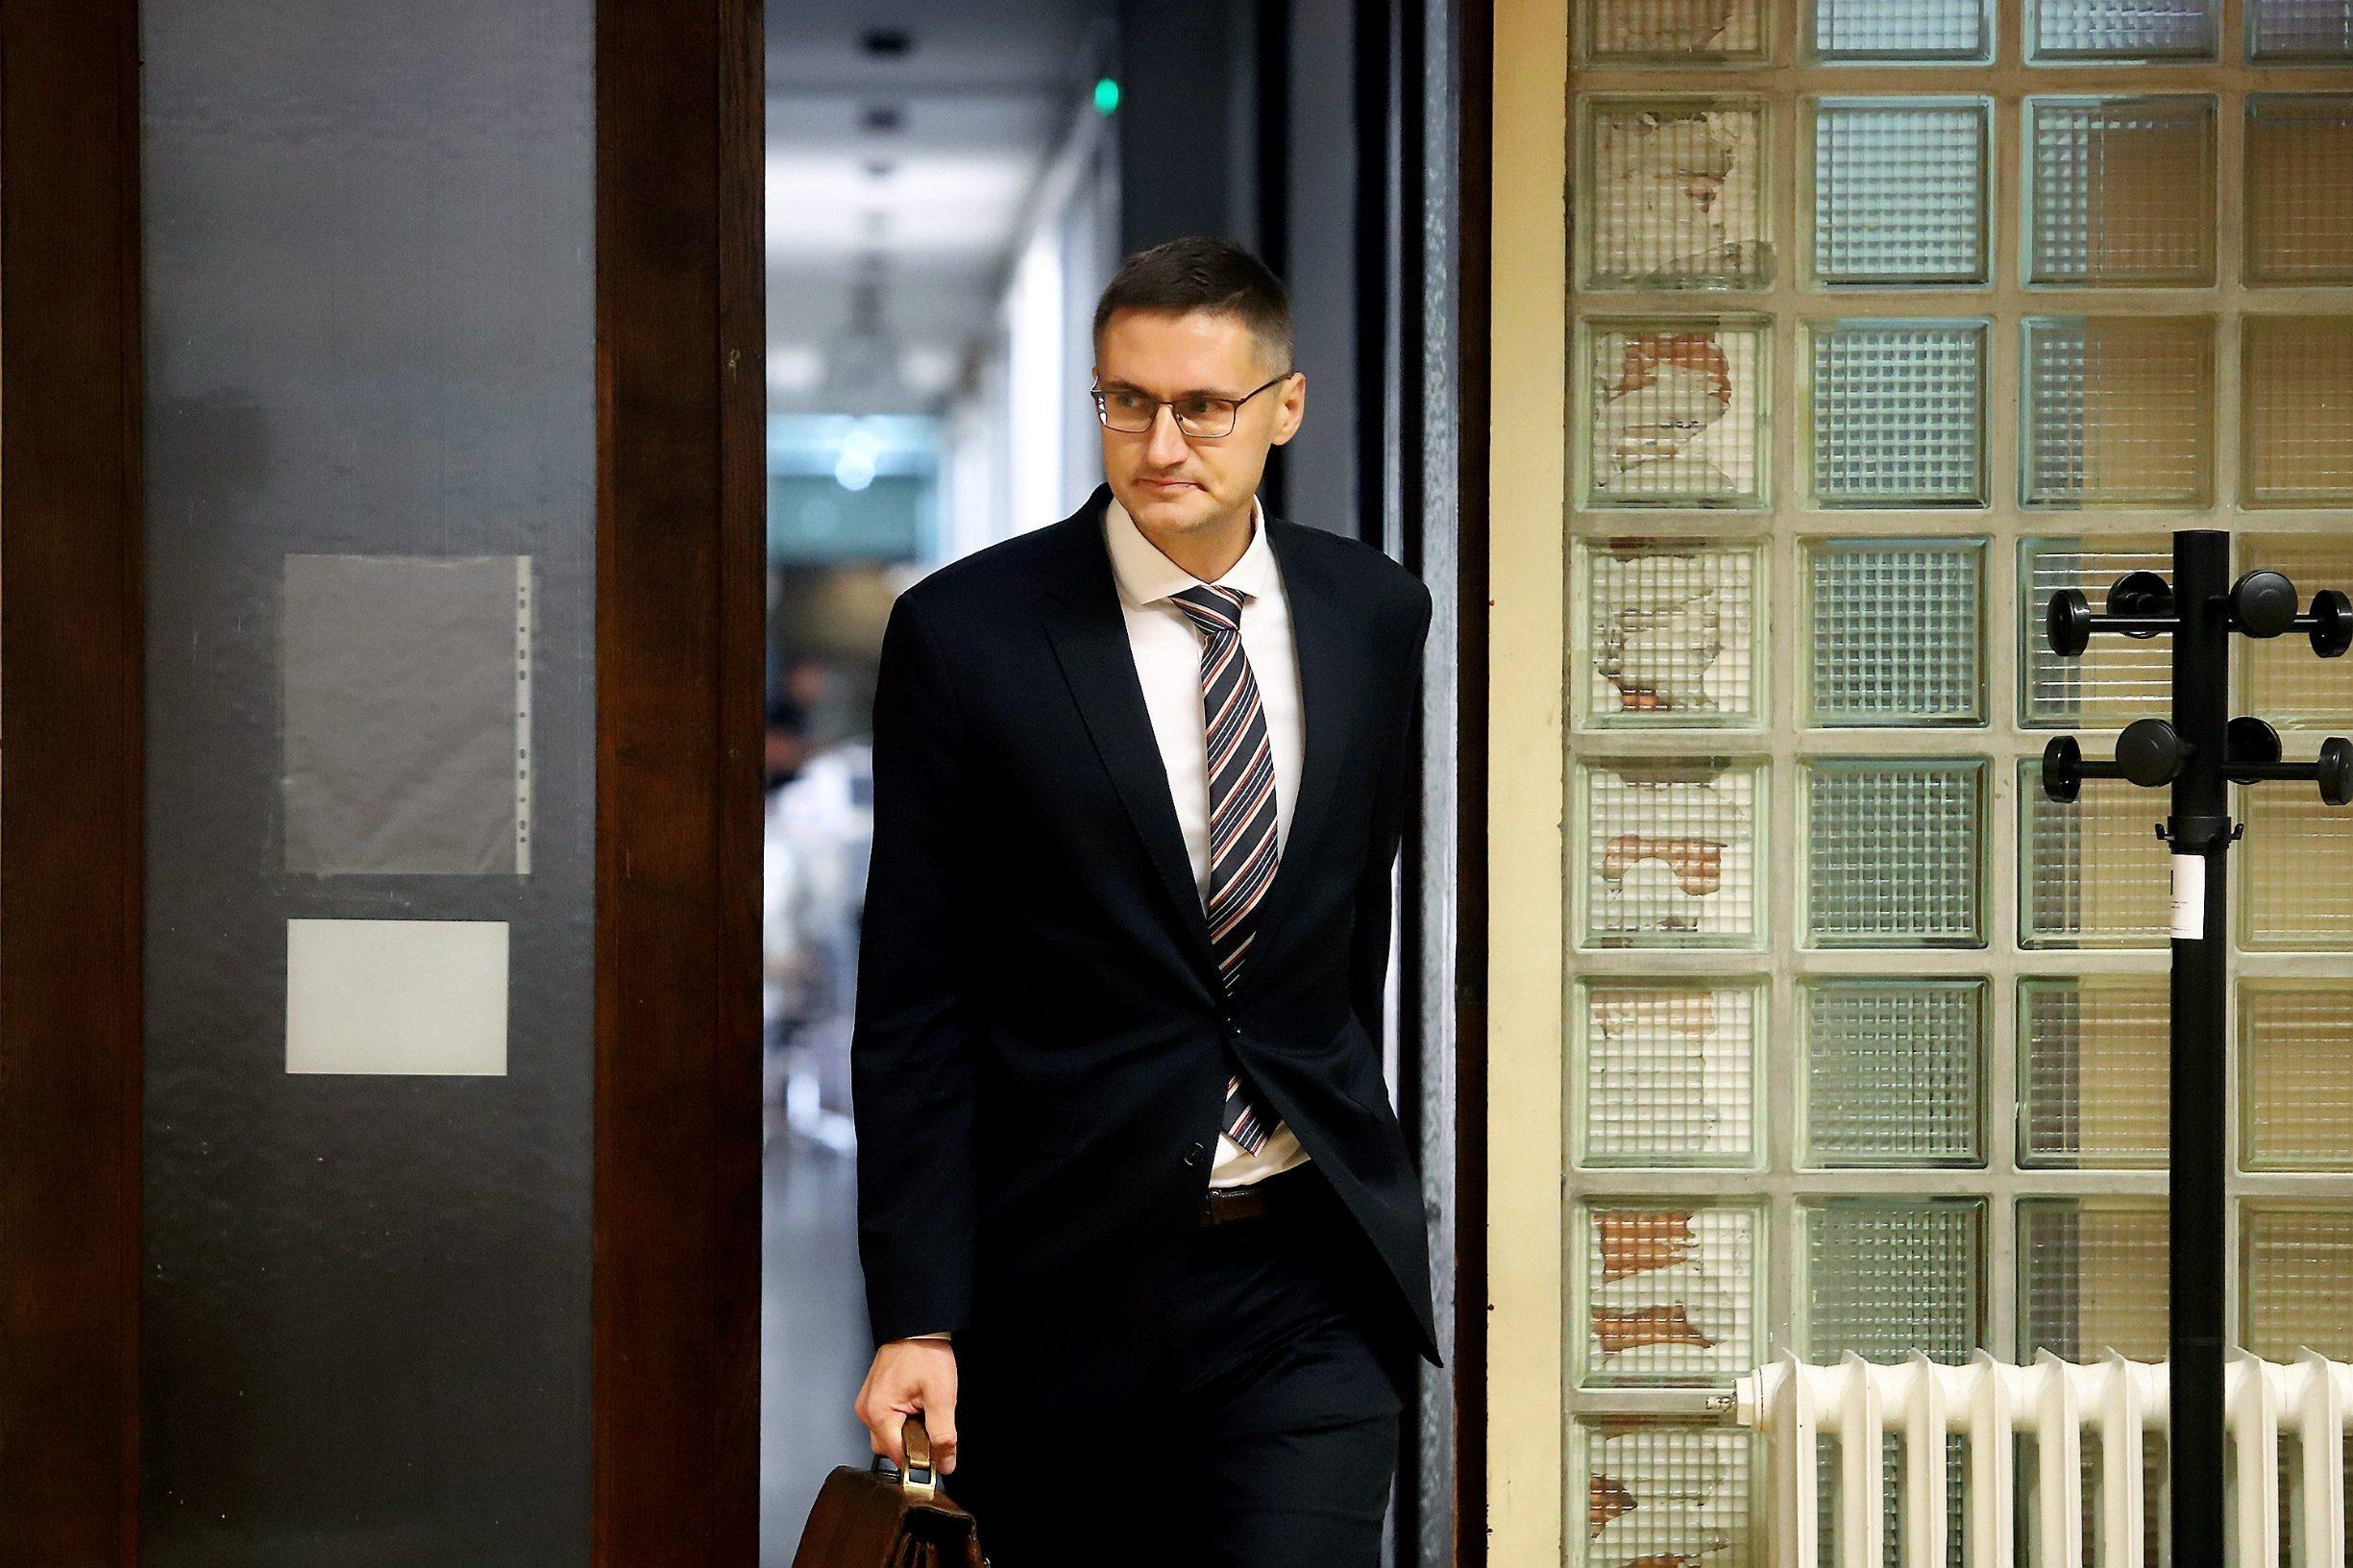 Varazdin, 211019. Na Zupanijskom sudu  nastavljene je sudjenje Smiljani Srnec za ubojstvo sestre. Na fotografiji: Kresimir Golubic, odvjetnik Smiljane Srnec. Foto: Zeljko Hajdinjak / CROPIX